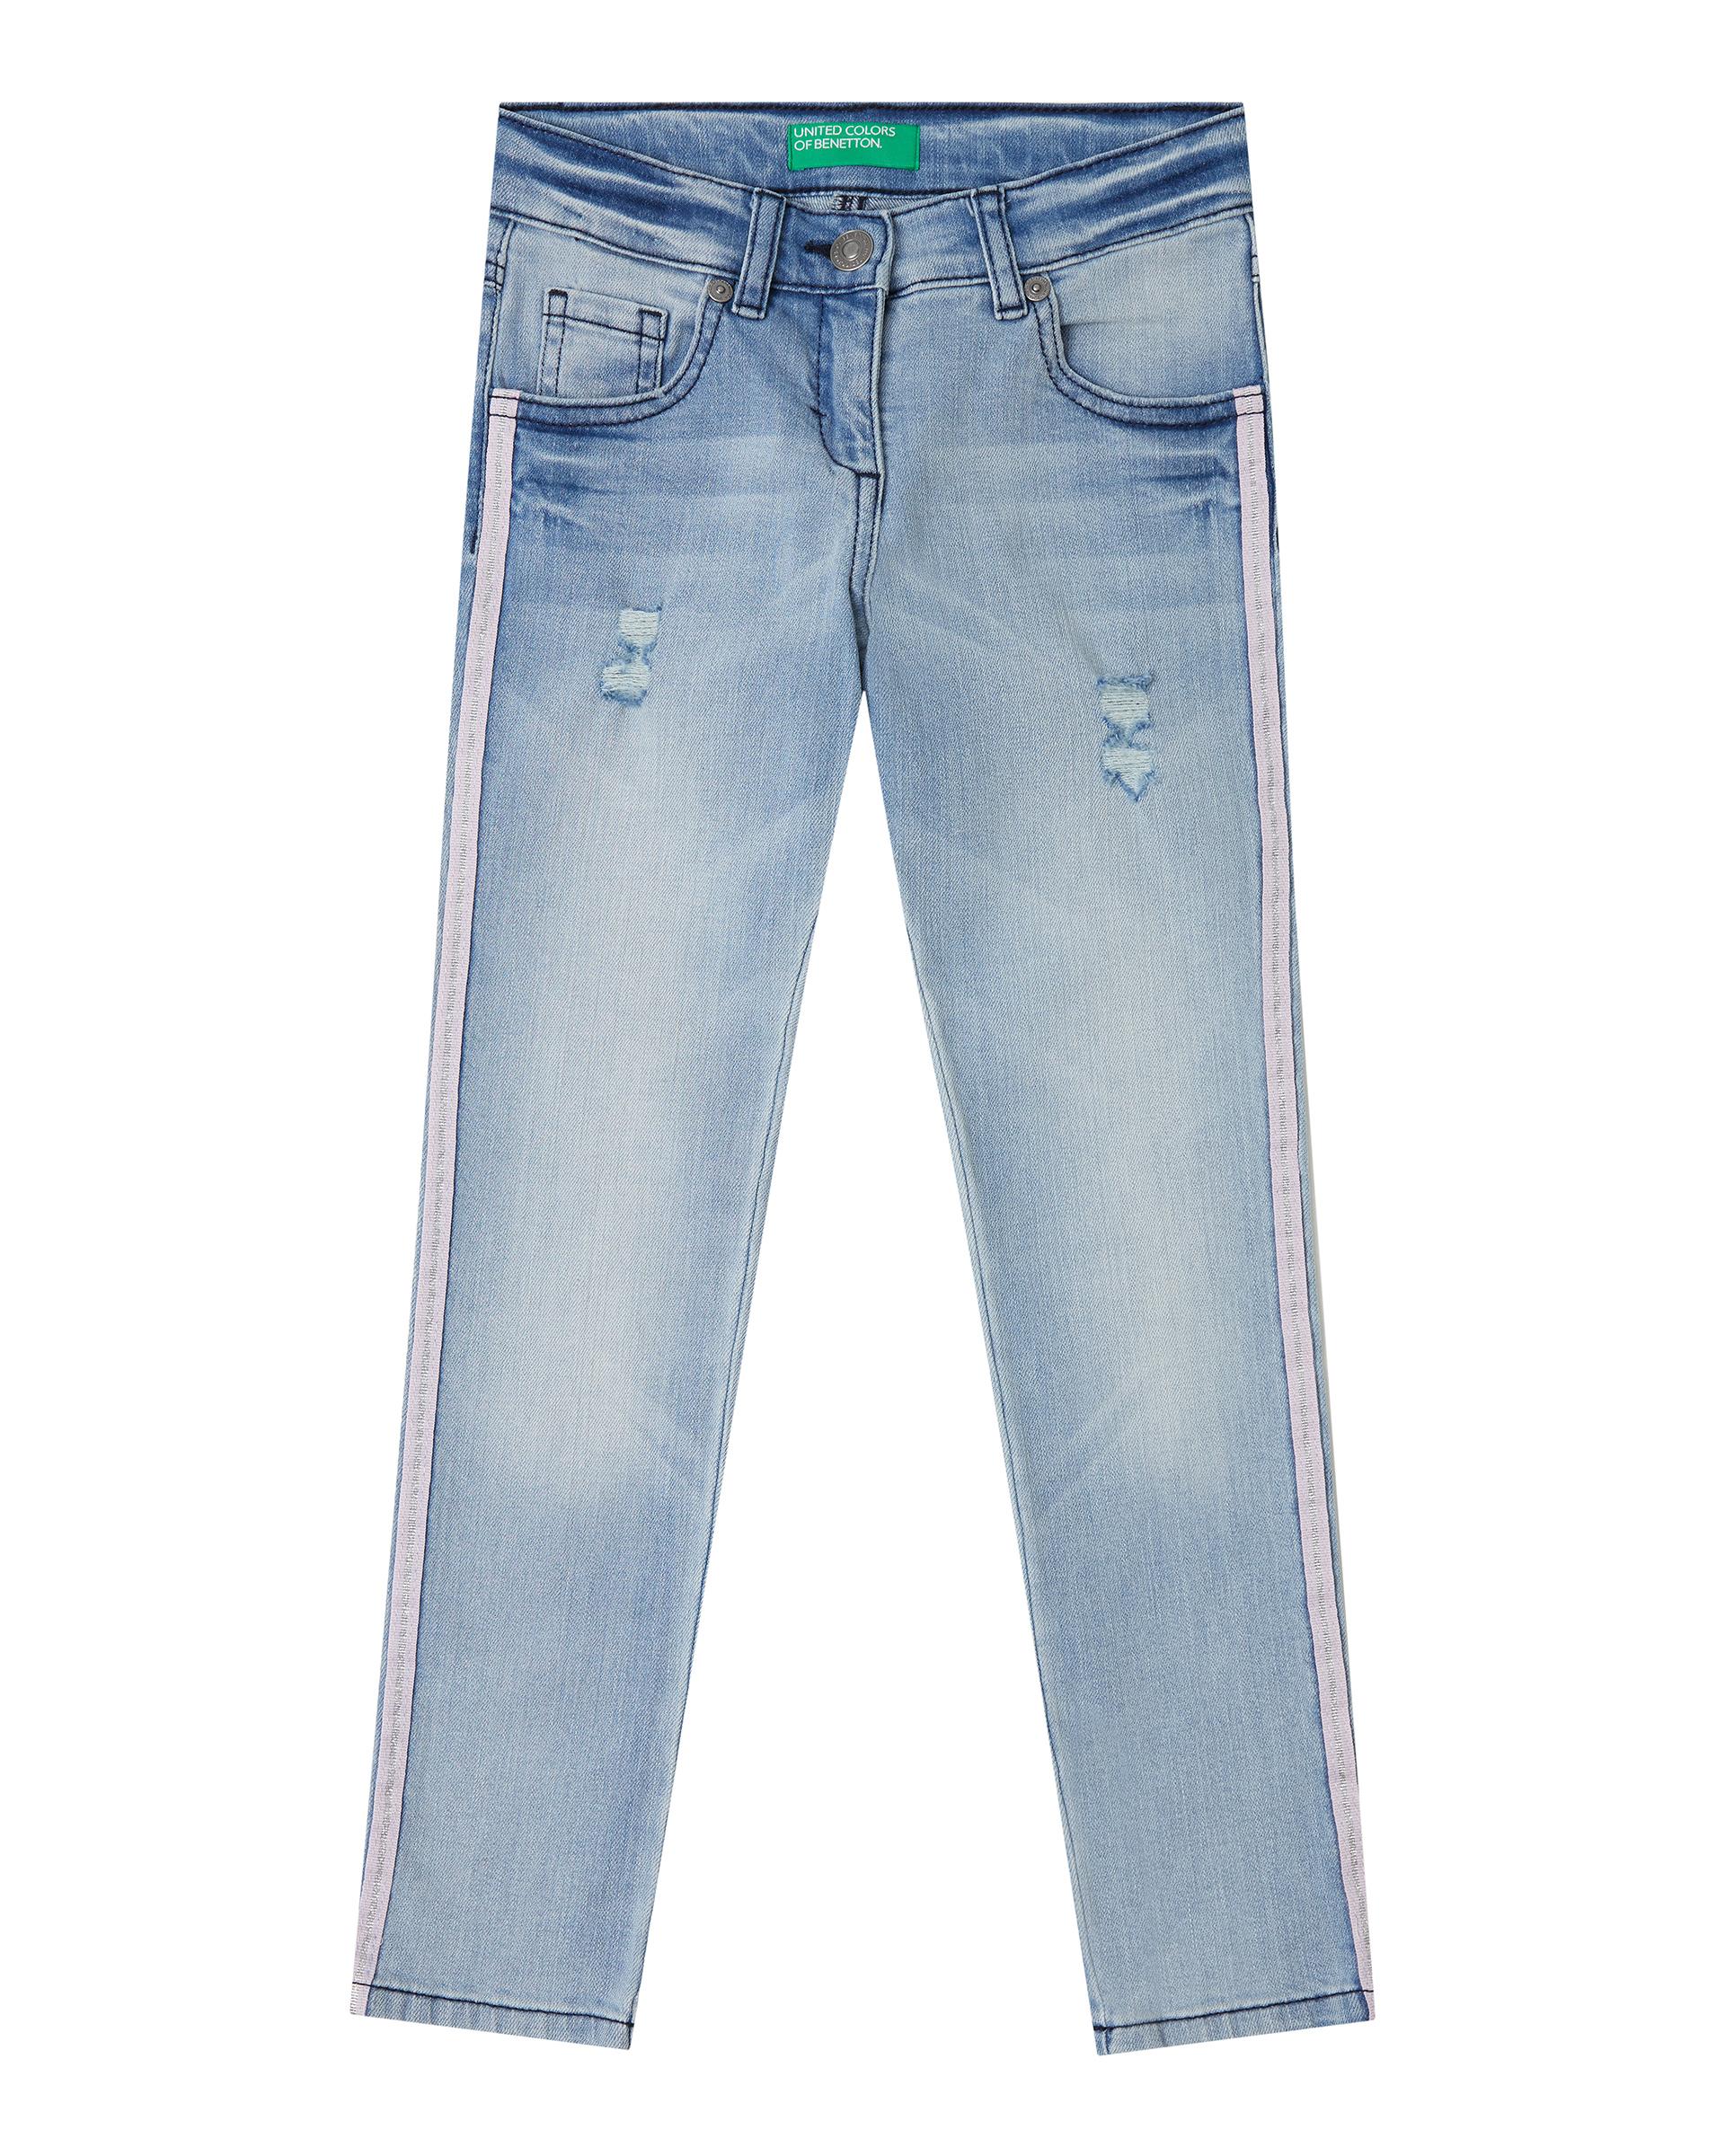 Купить 20P_4OG057LA0_902, Джинсы для девочек Benetton 4OG057LA0_902 р-р 122, United Colors of Benetton